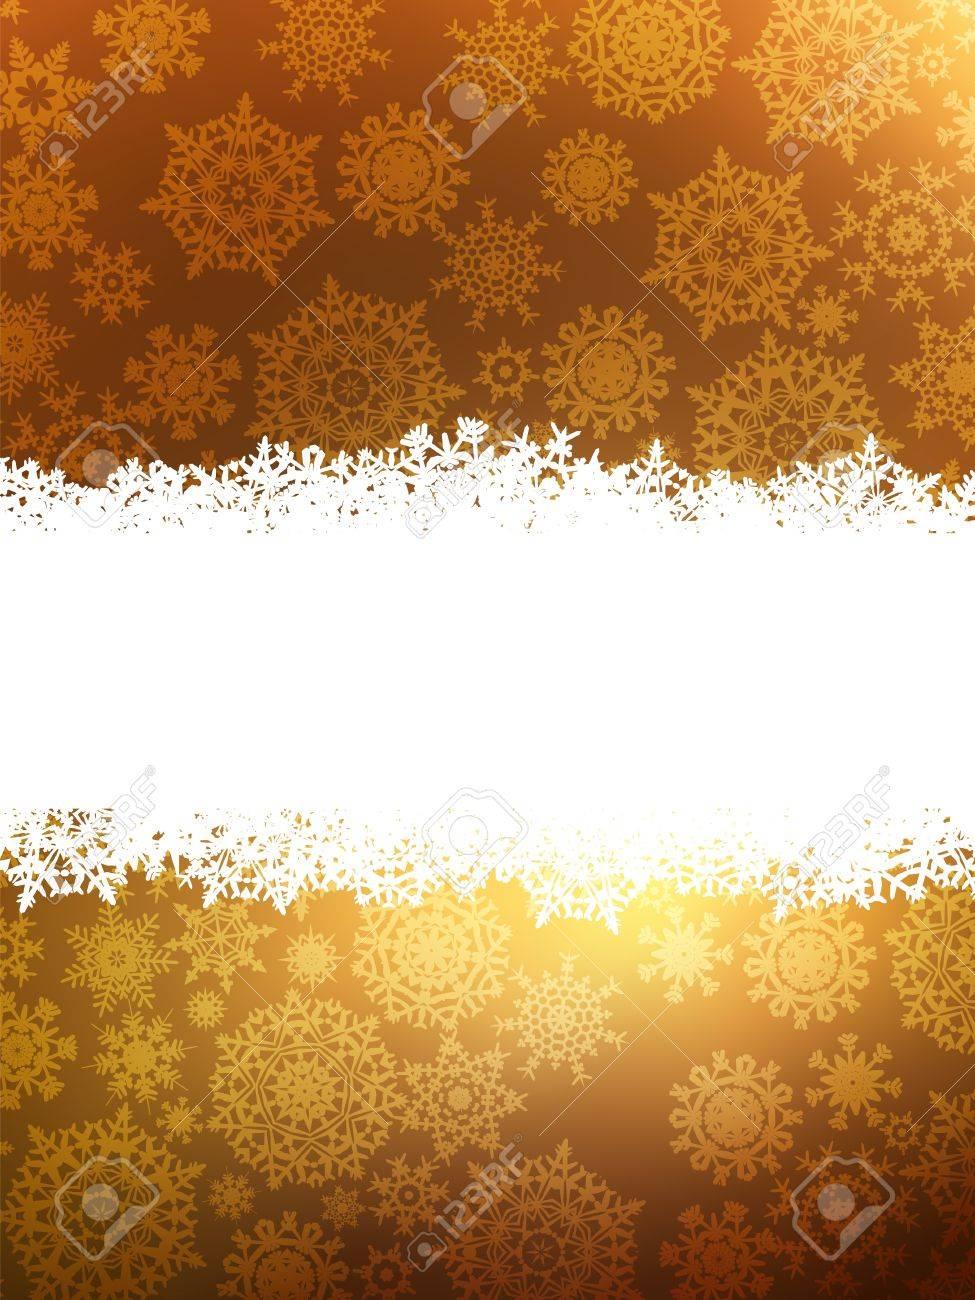 Elegant gold christmas background. - 10076065